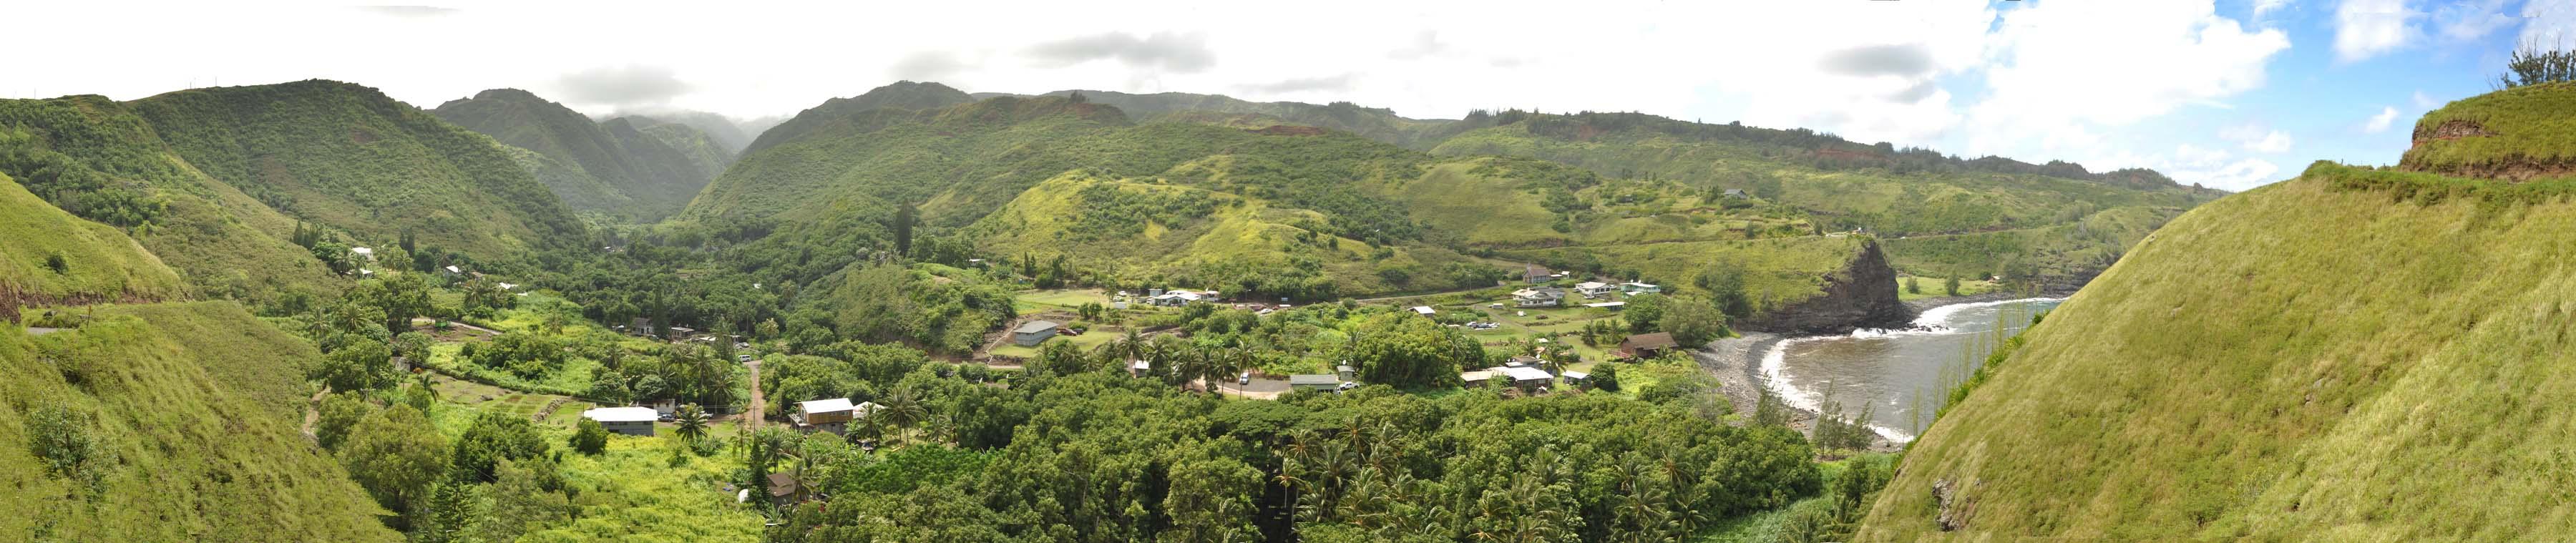 033_west_coast_maui_hawaii